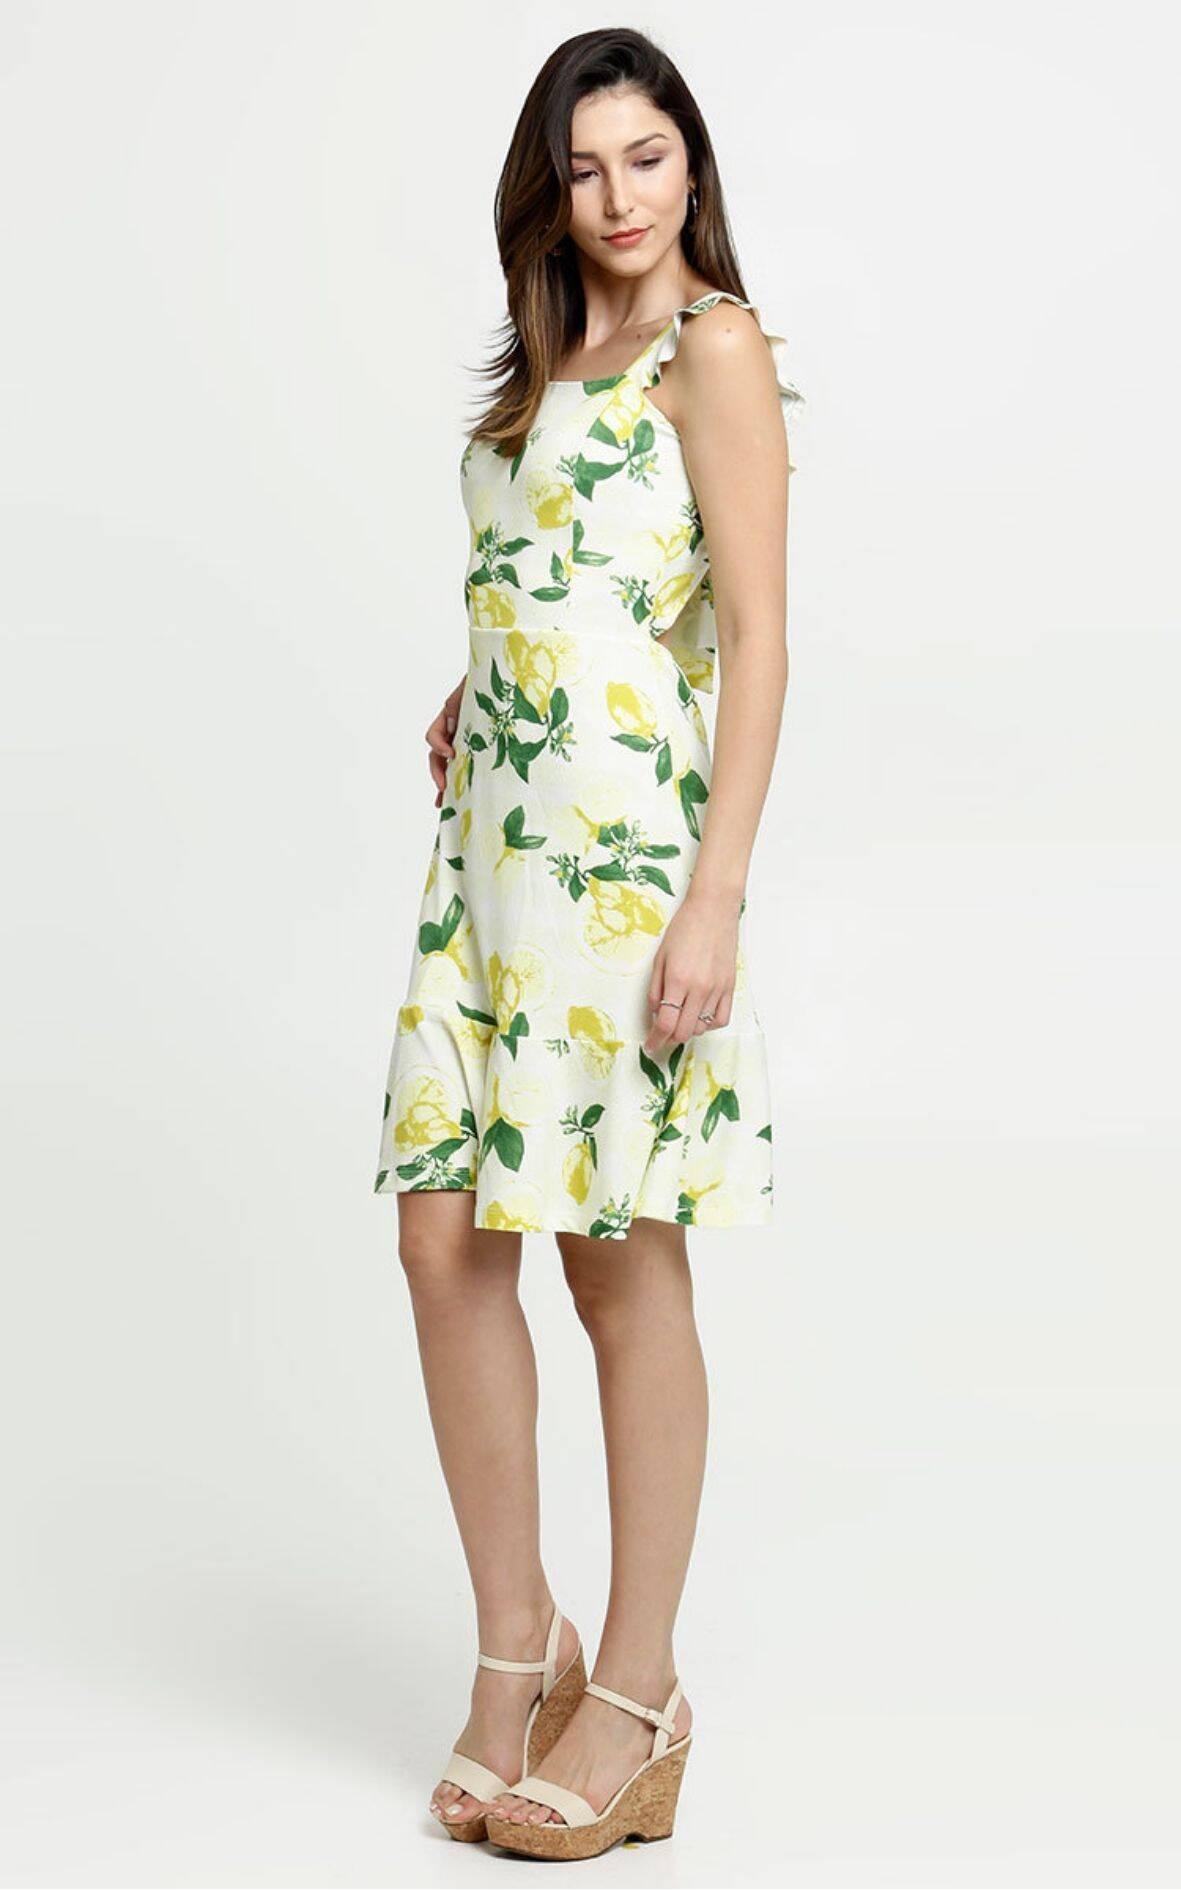 Vestido Feminino Estampa Limão Alças Finas | Marisa | R$ 69,95. Foto: Divulgação